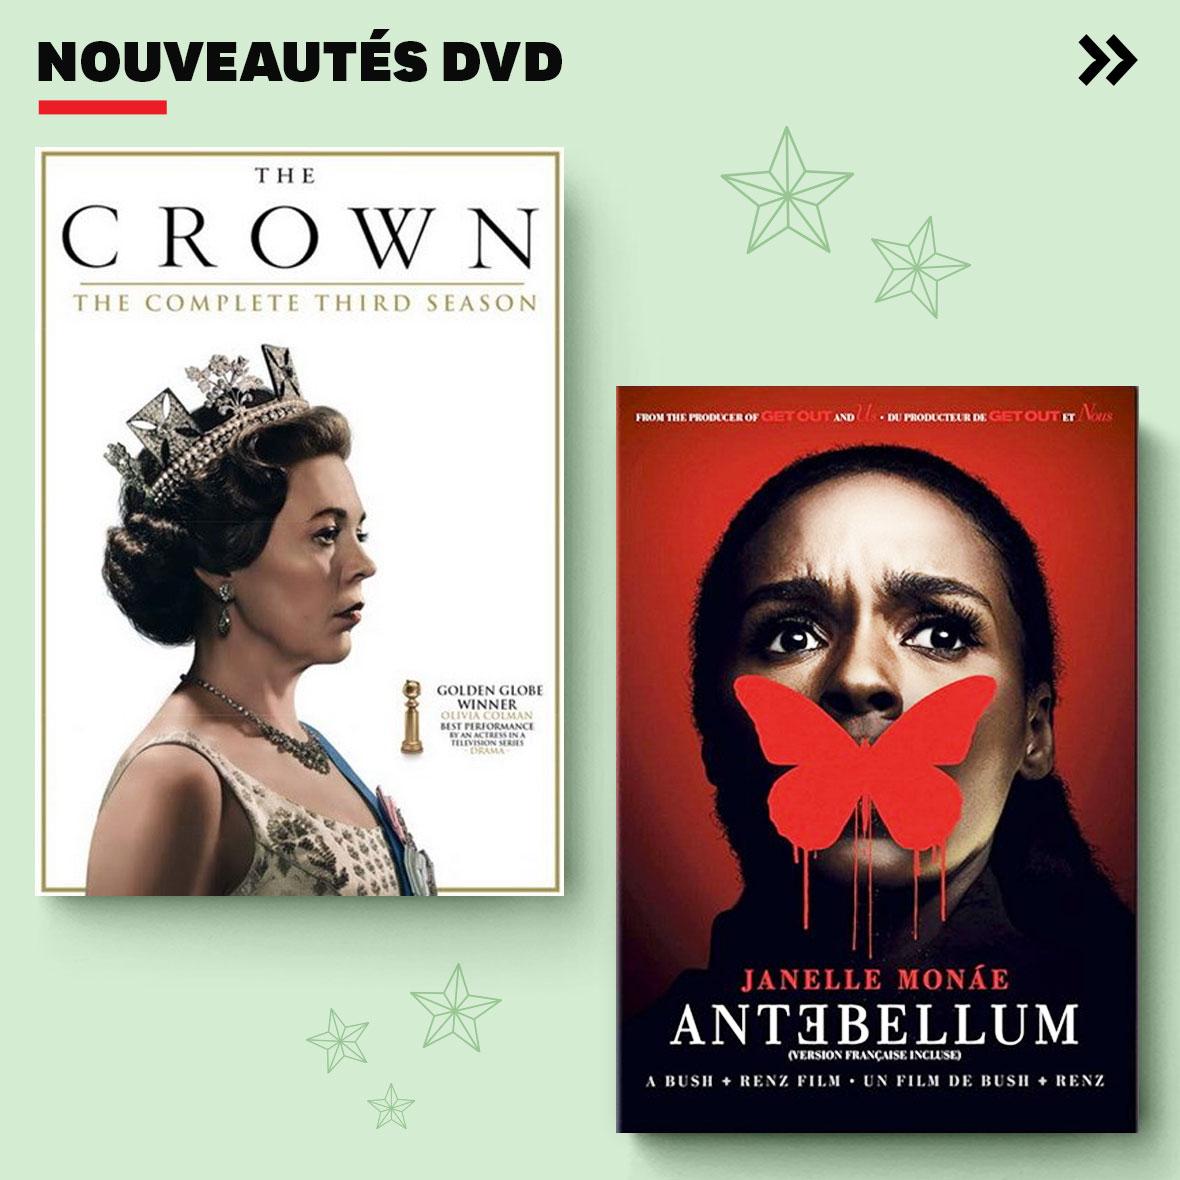 Nouveautés DVD